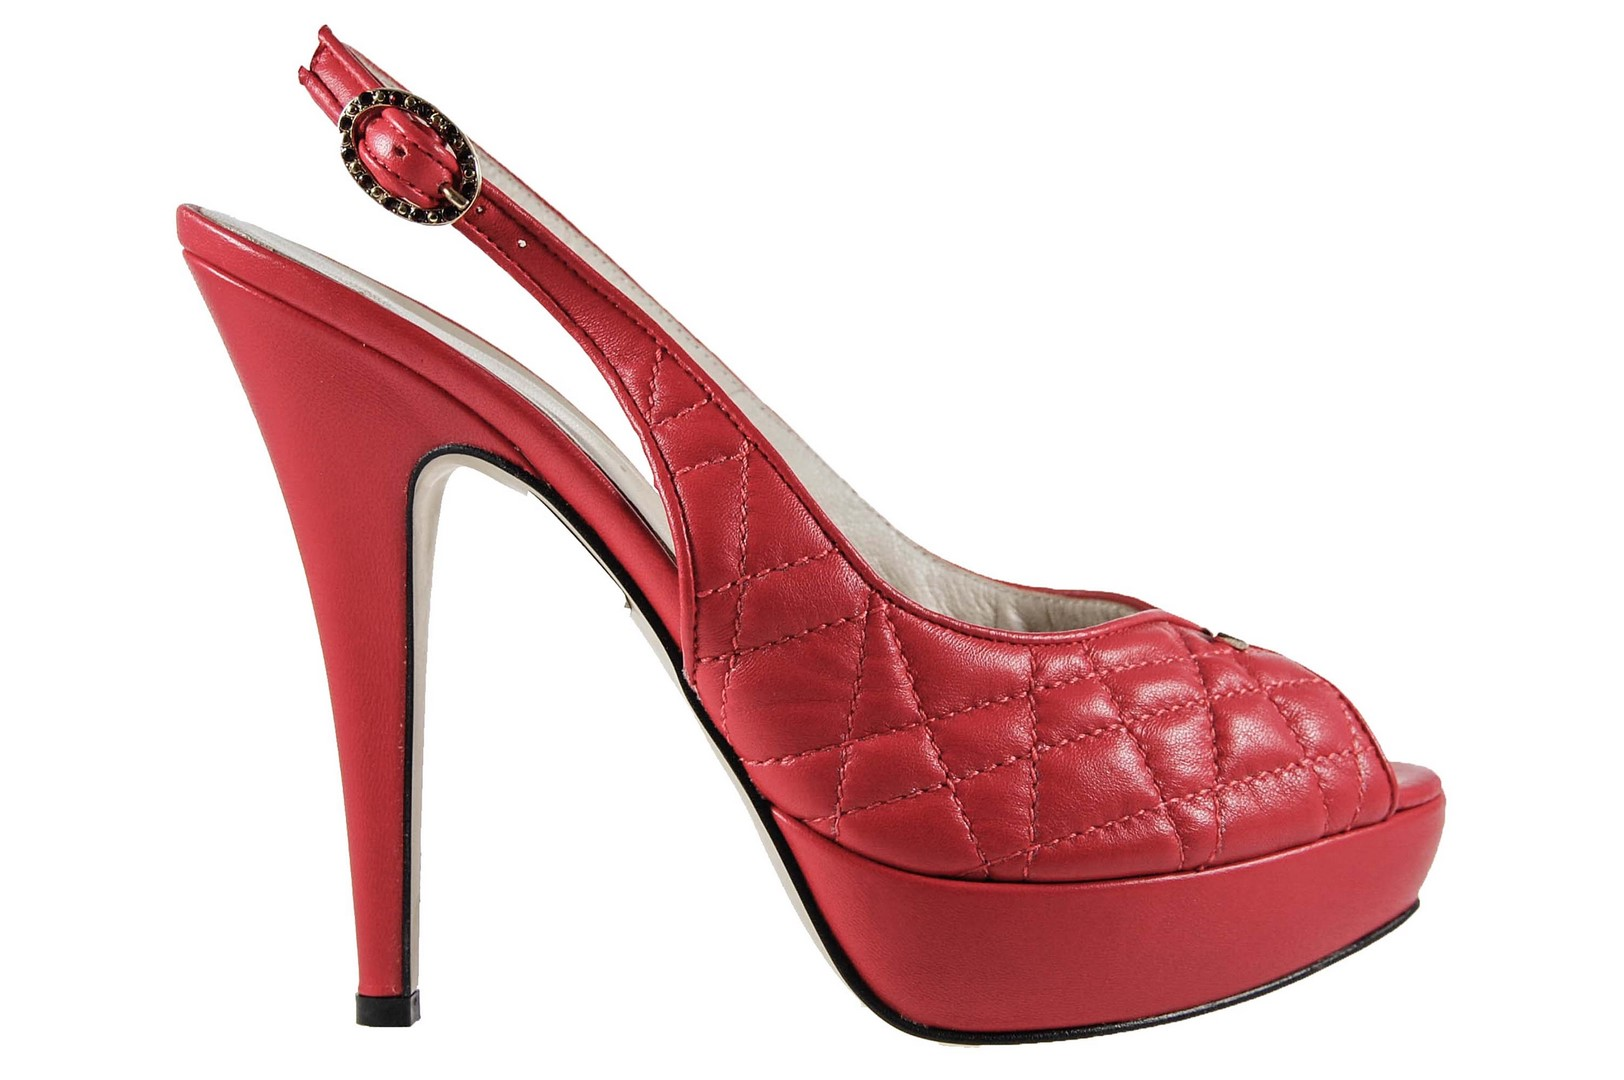 15acf8d766d2e BALDOWSKI 370 - sandały damskie czerwone 38 - 6888623860 ...